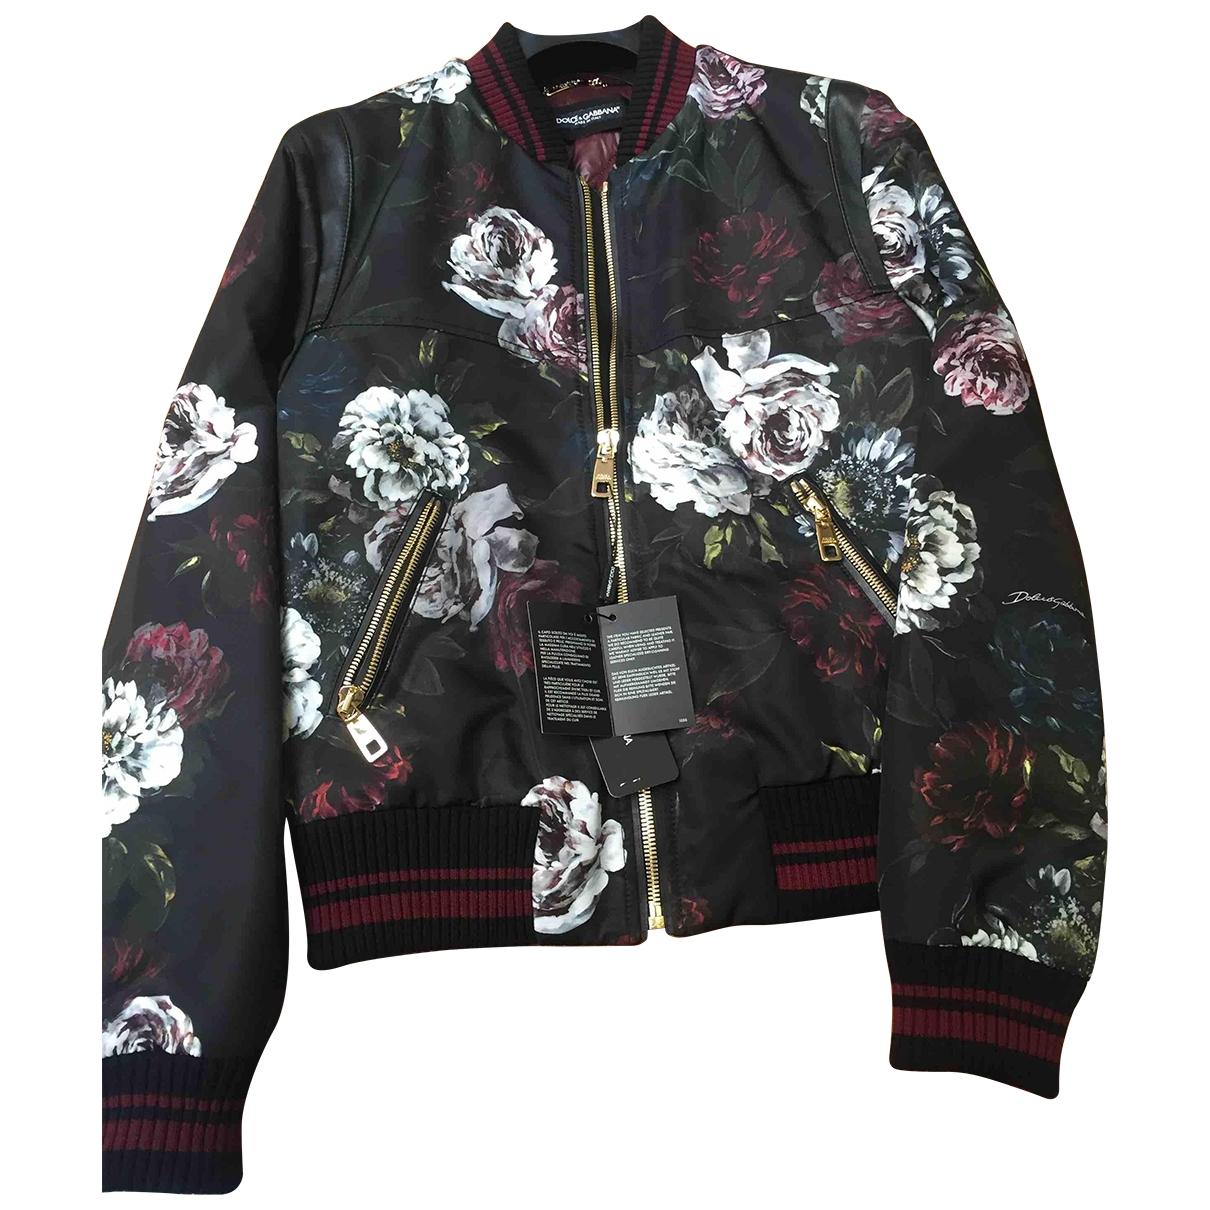 Dolce & Gabbana - Vestes.Blousons   pour homme - multicolore